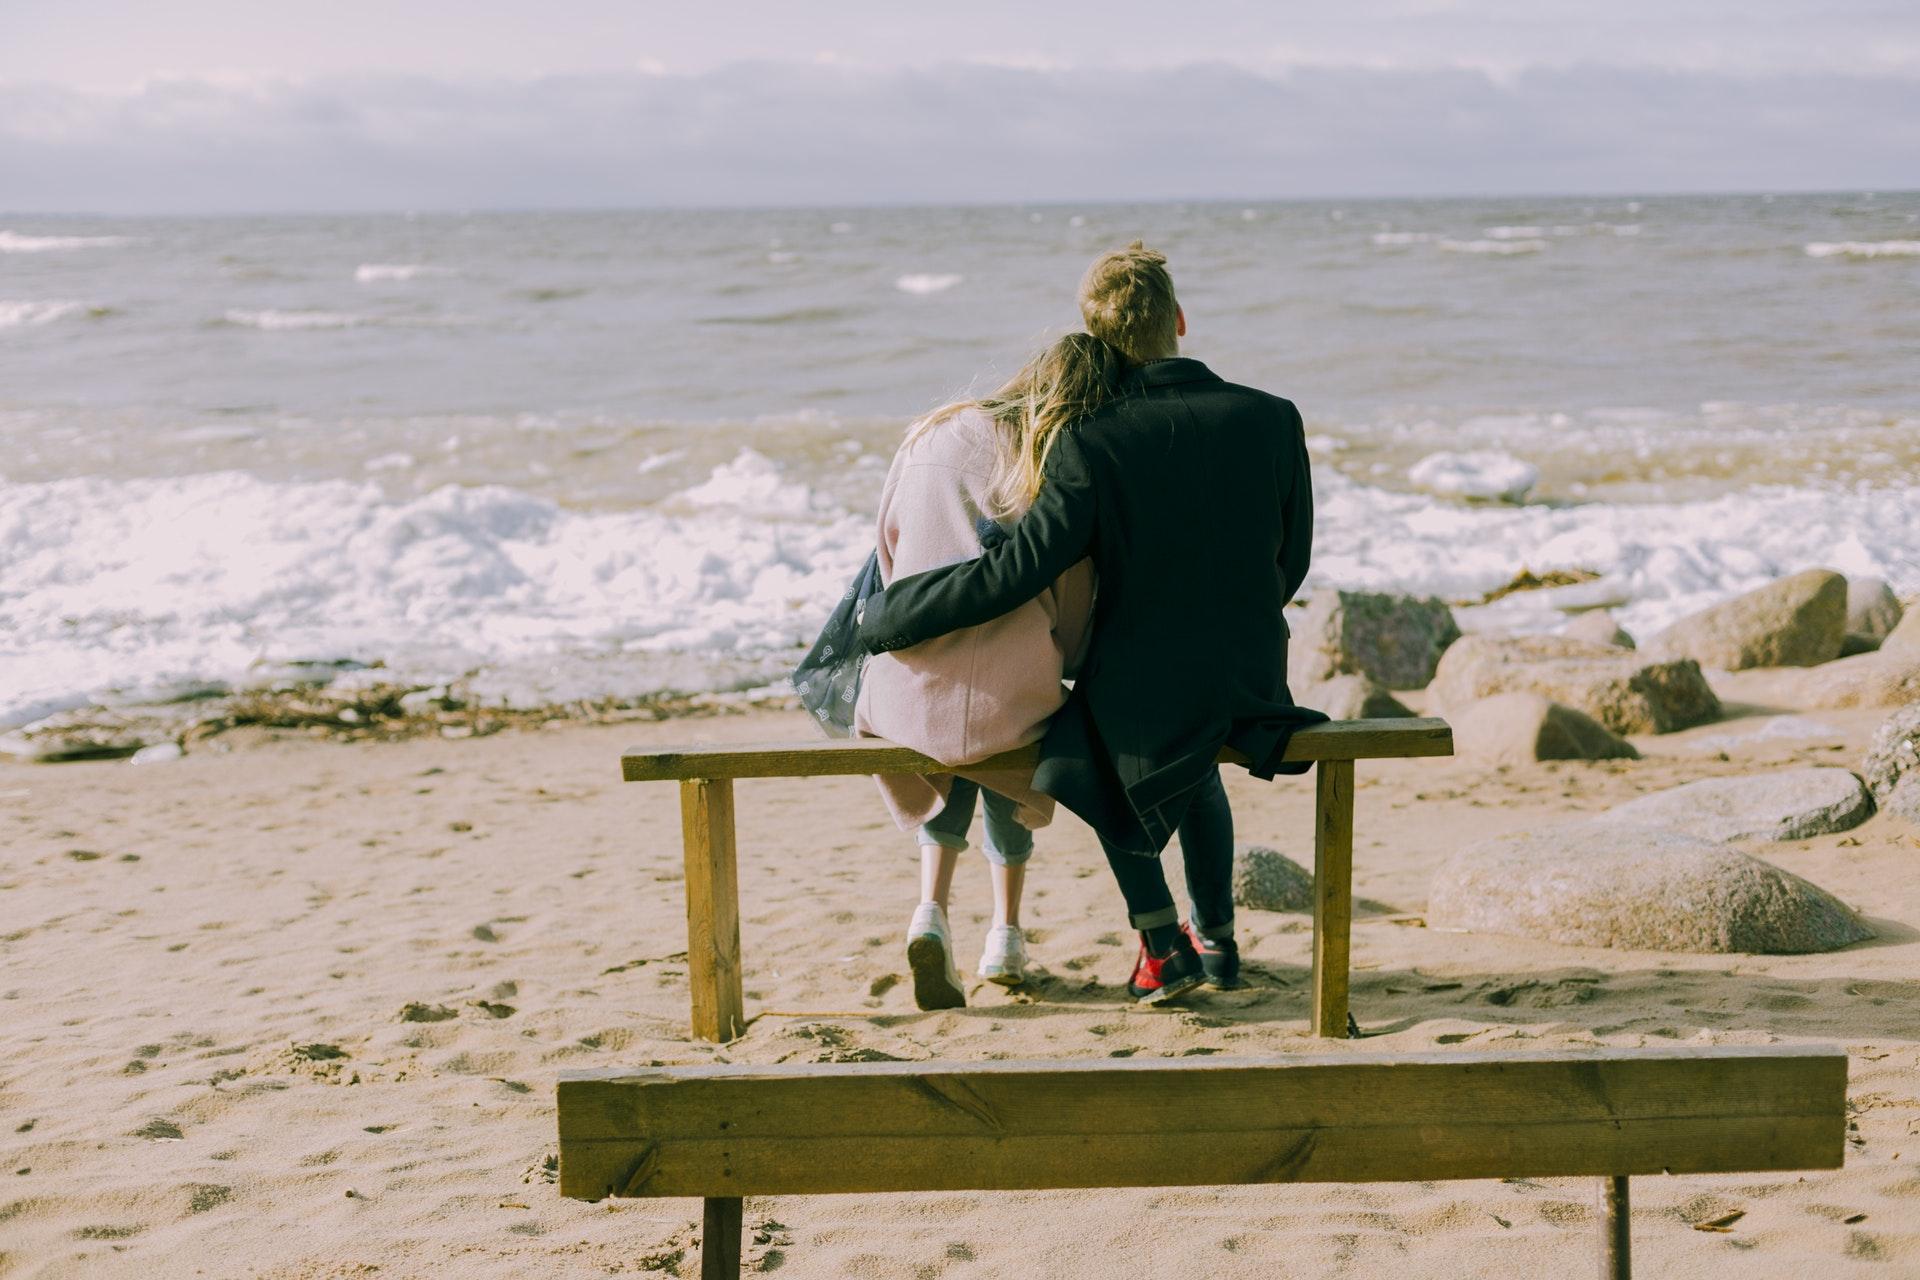 中高年・アラフィフ女性が選んだ新しい出会いは既婚者との恋愛〜あえて都合のいい女を選択する